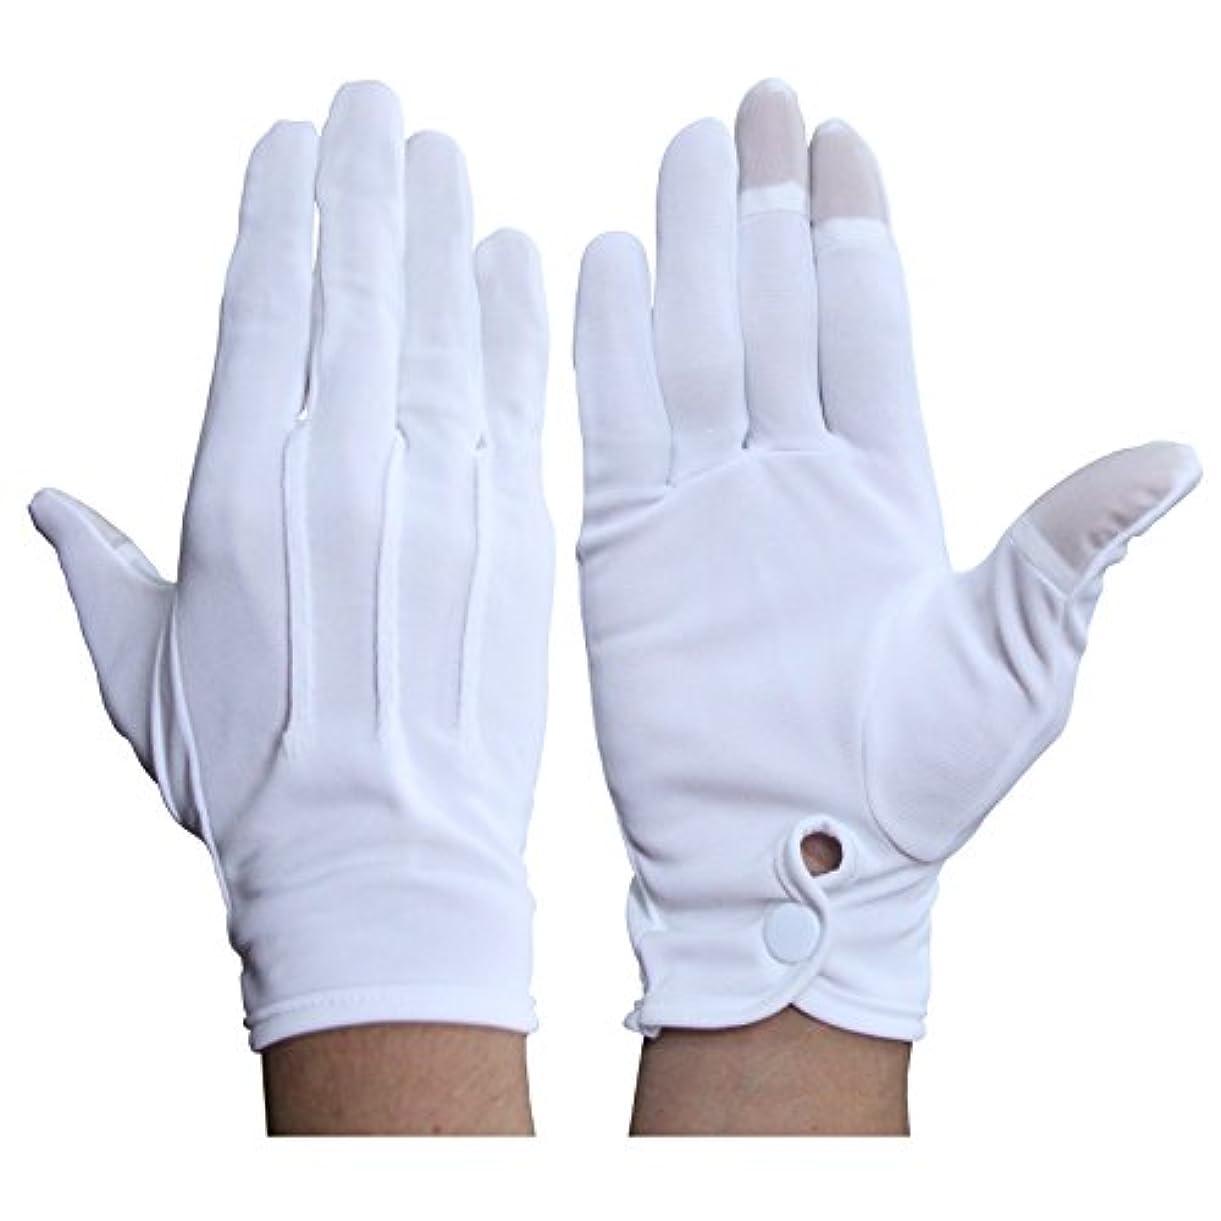 ながら記念碑政策ウインセス 【スマホ対応 / タブレット対応 / 礼装用 フォーマル手袋】1双